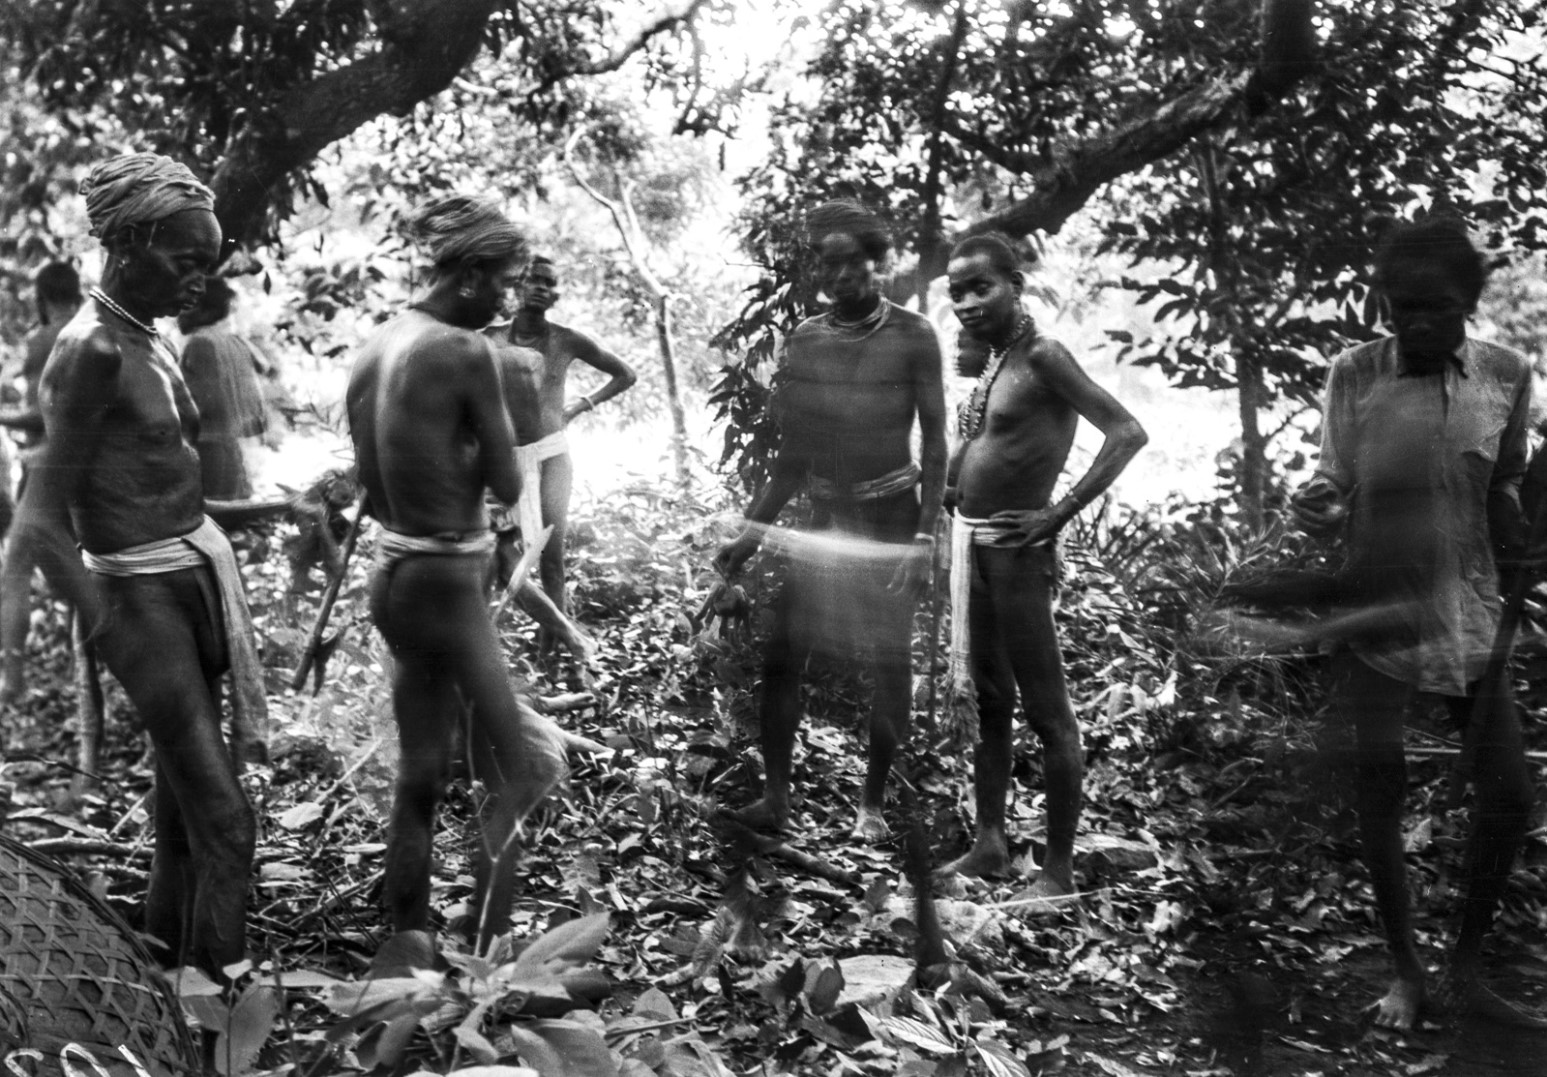 752. Орисса. Группа мужчин во время церемонии жертвоприношения